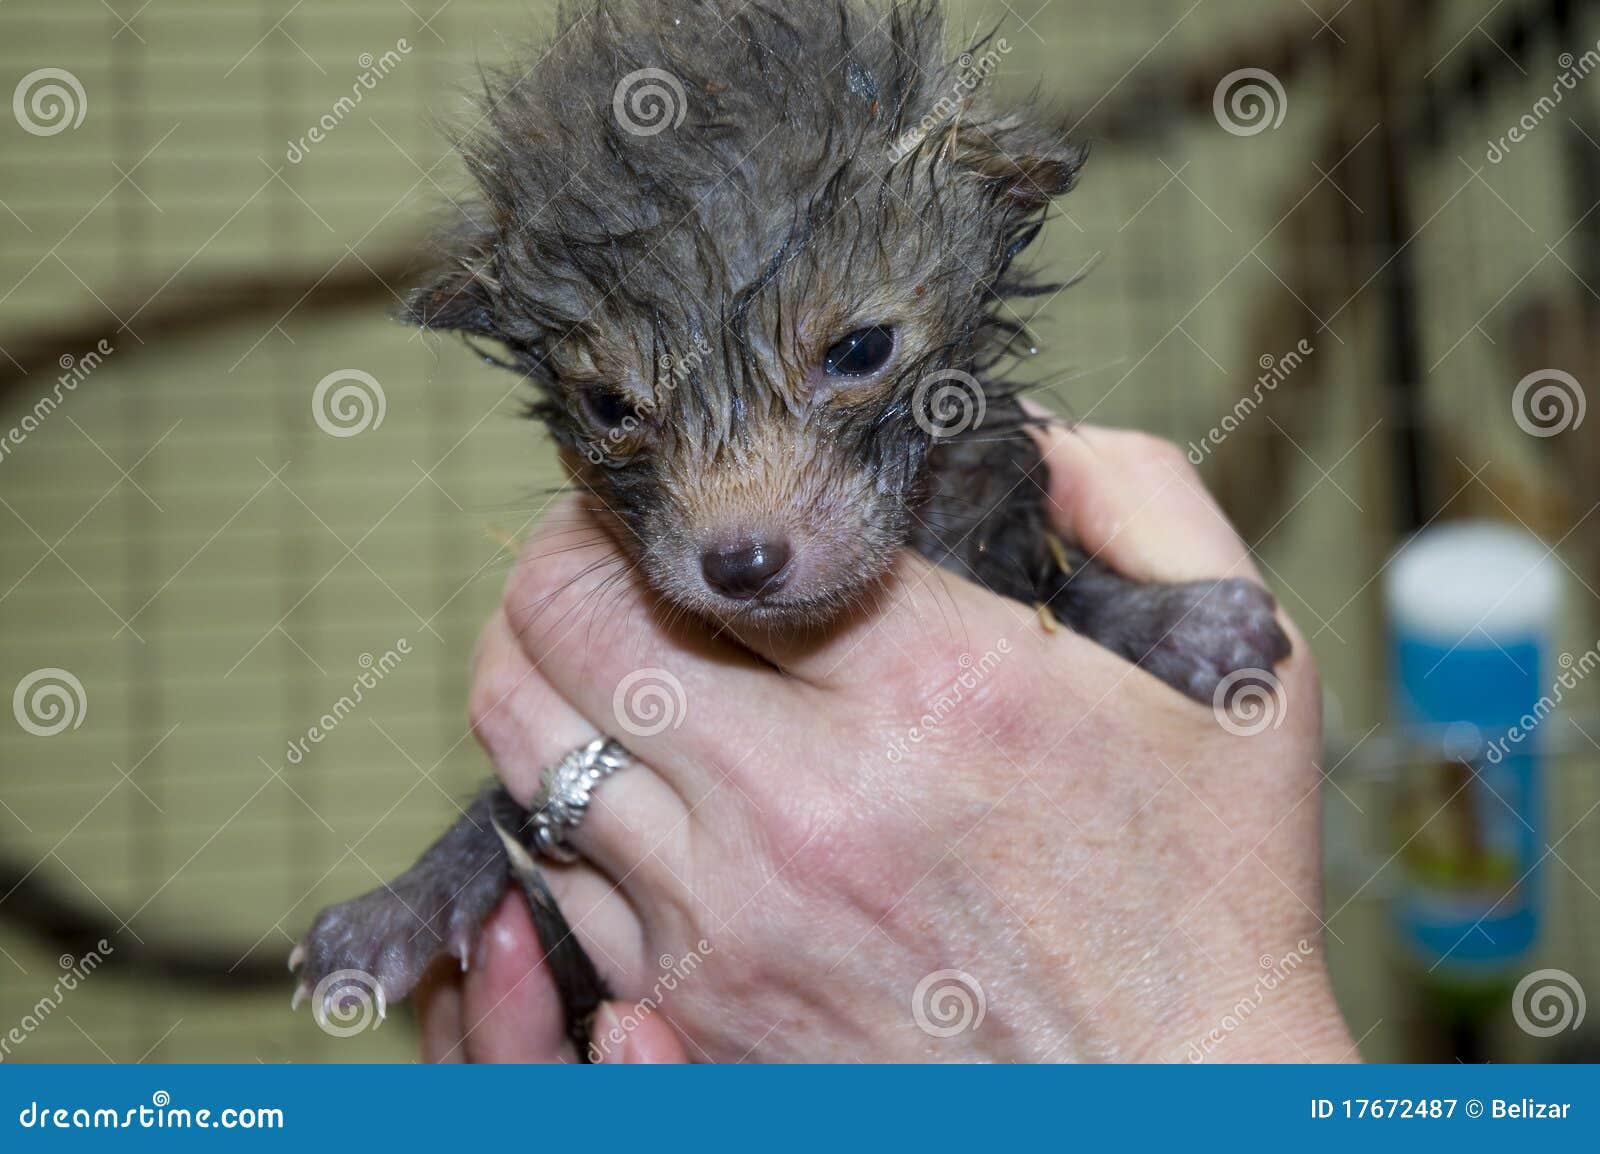 Fox baby in hand (Vulpes vulpes)